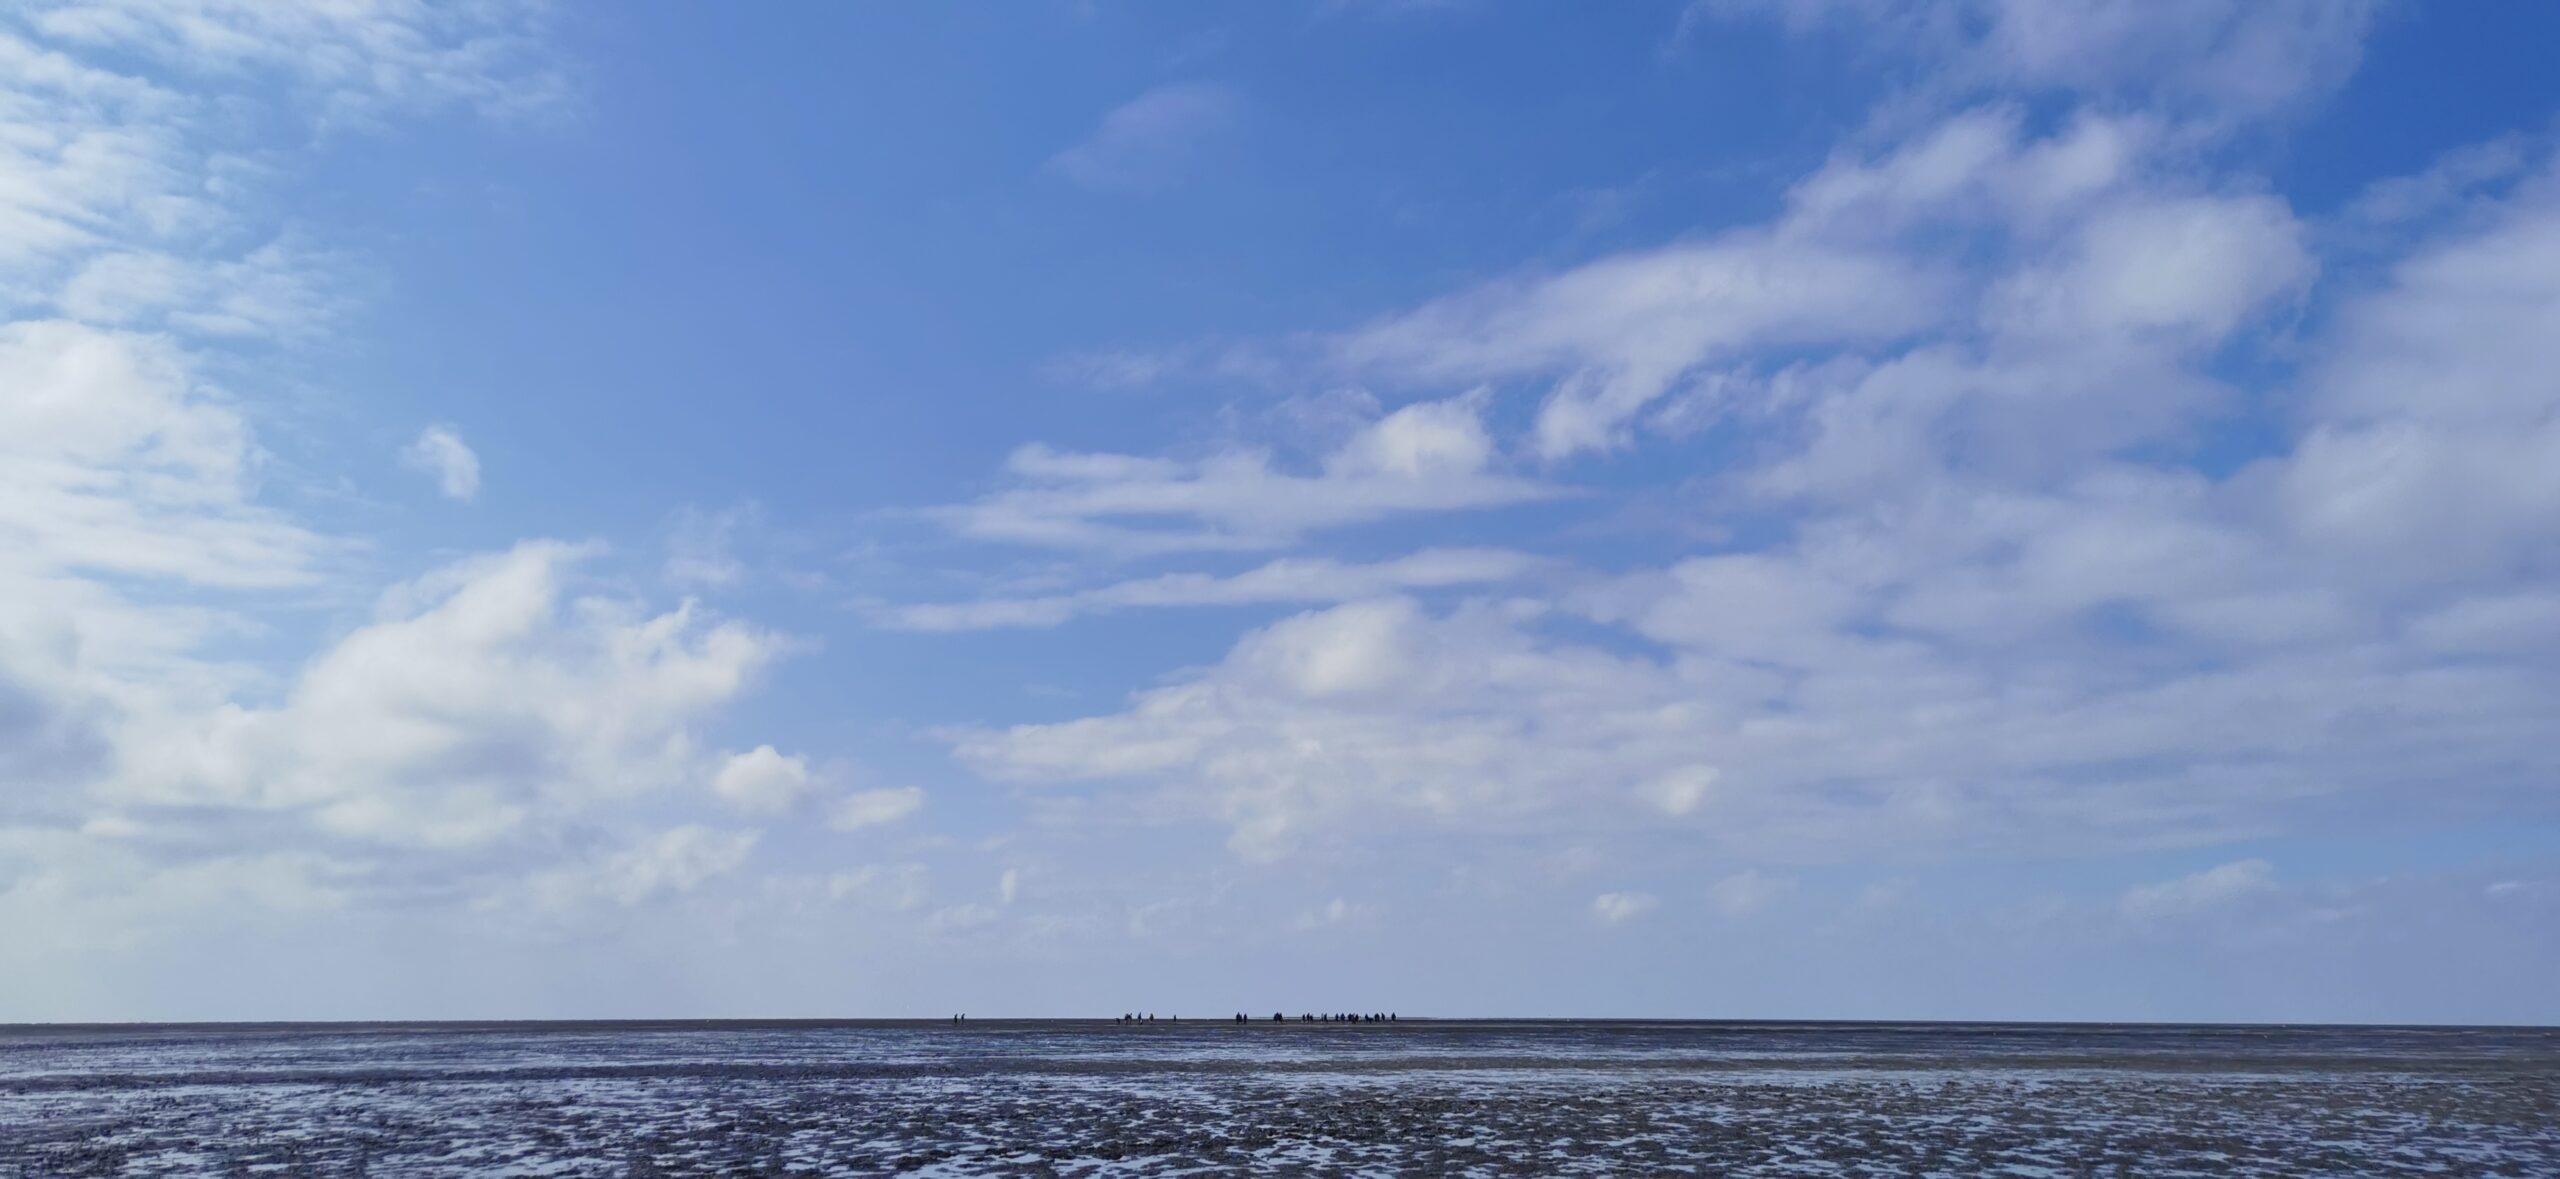 Weiter Blick über das Watt, blauer Himmel mit Wolken